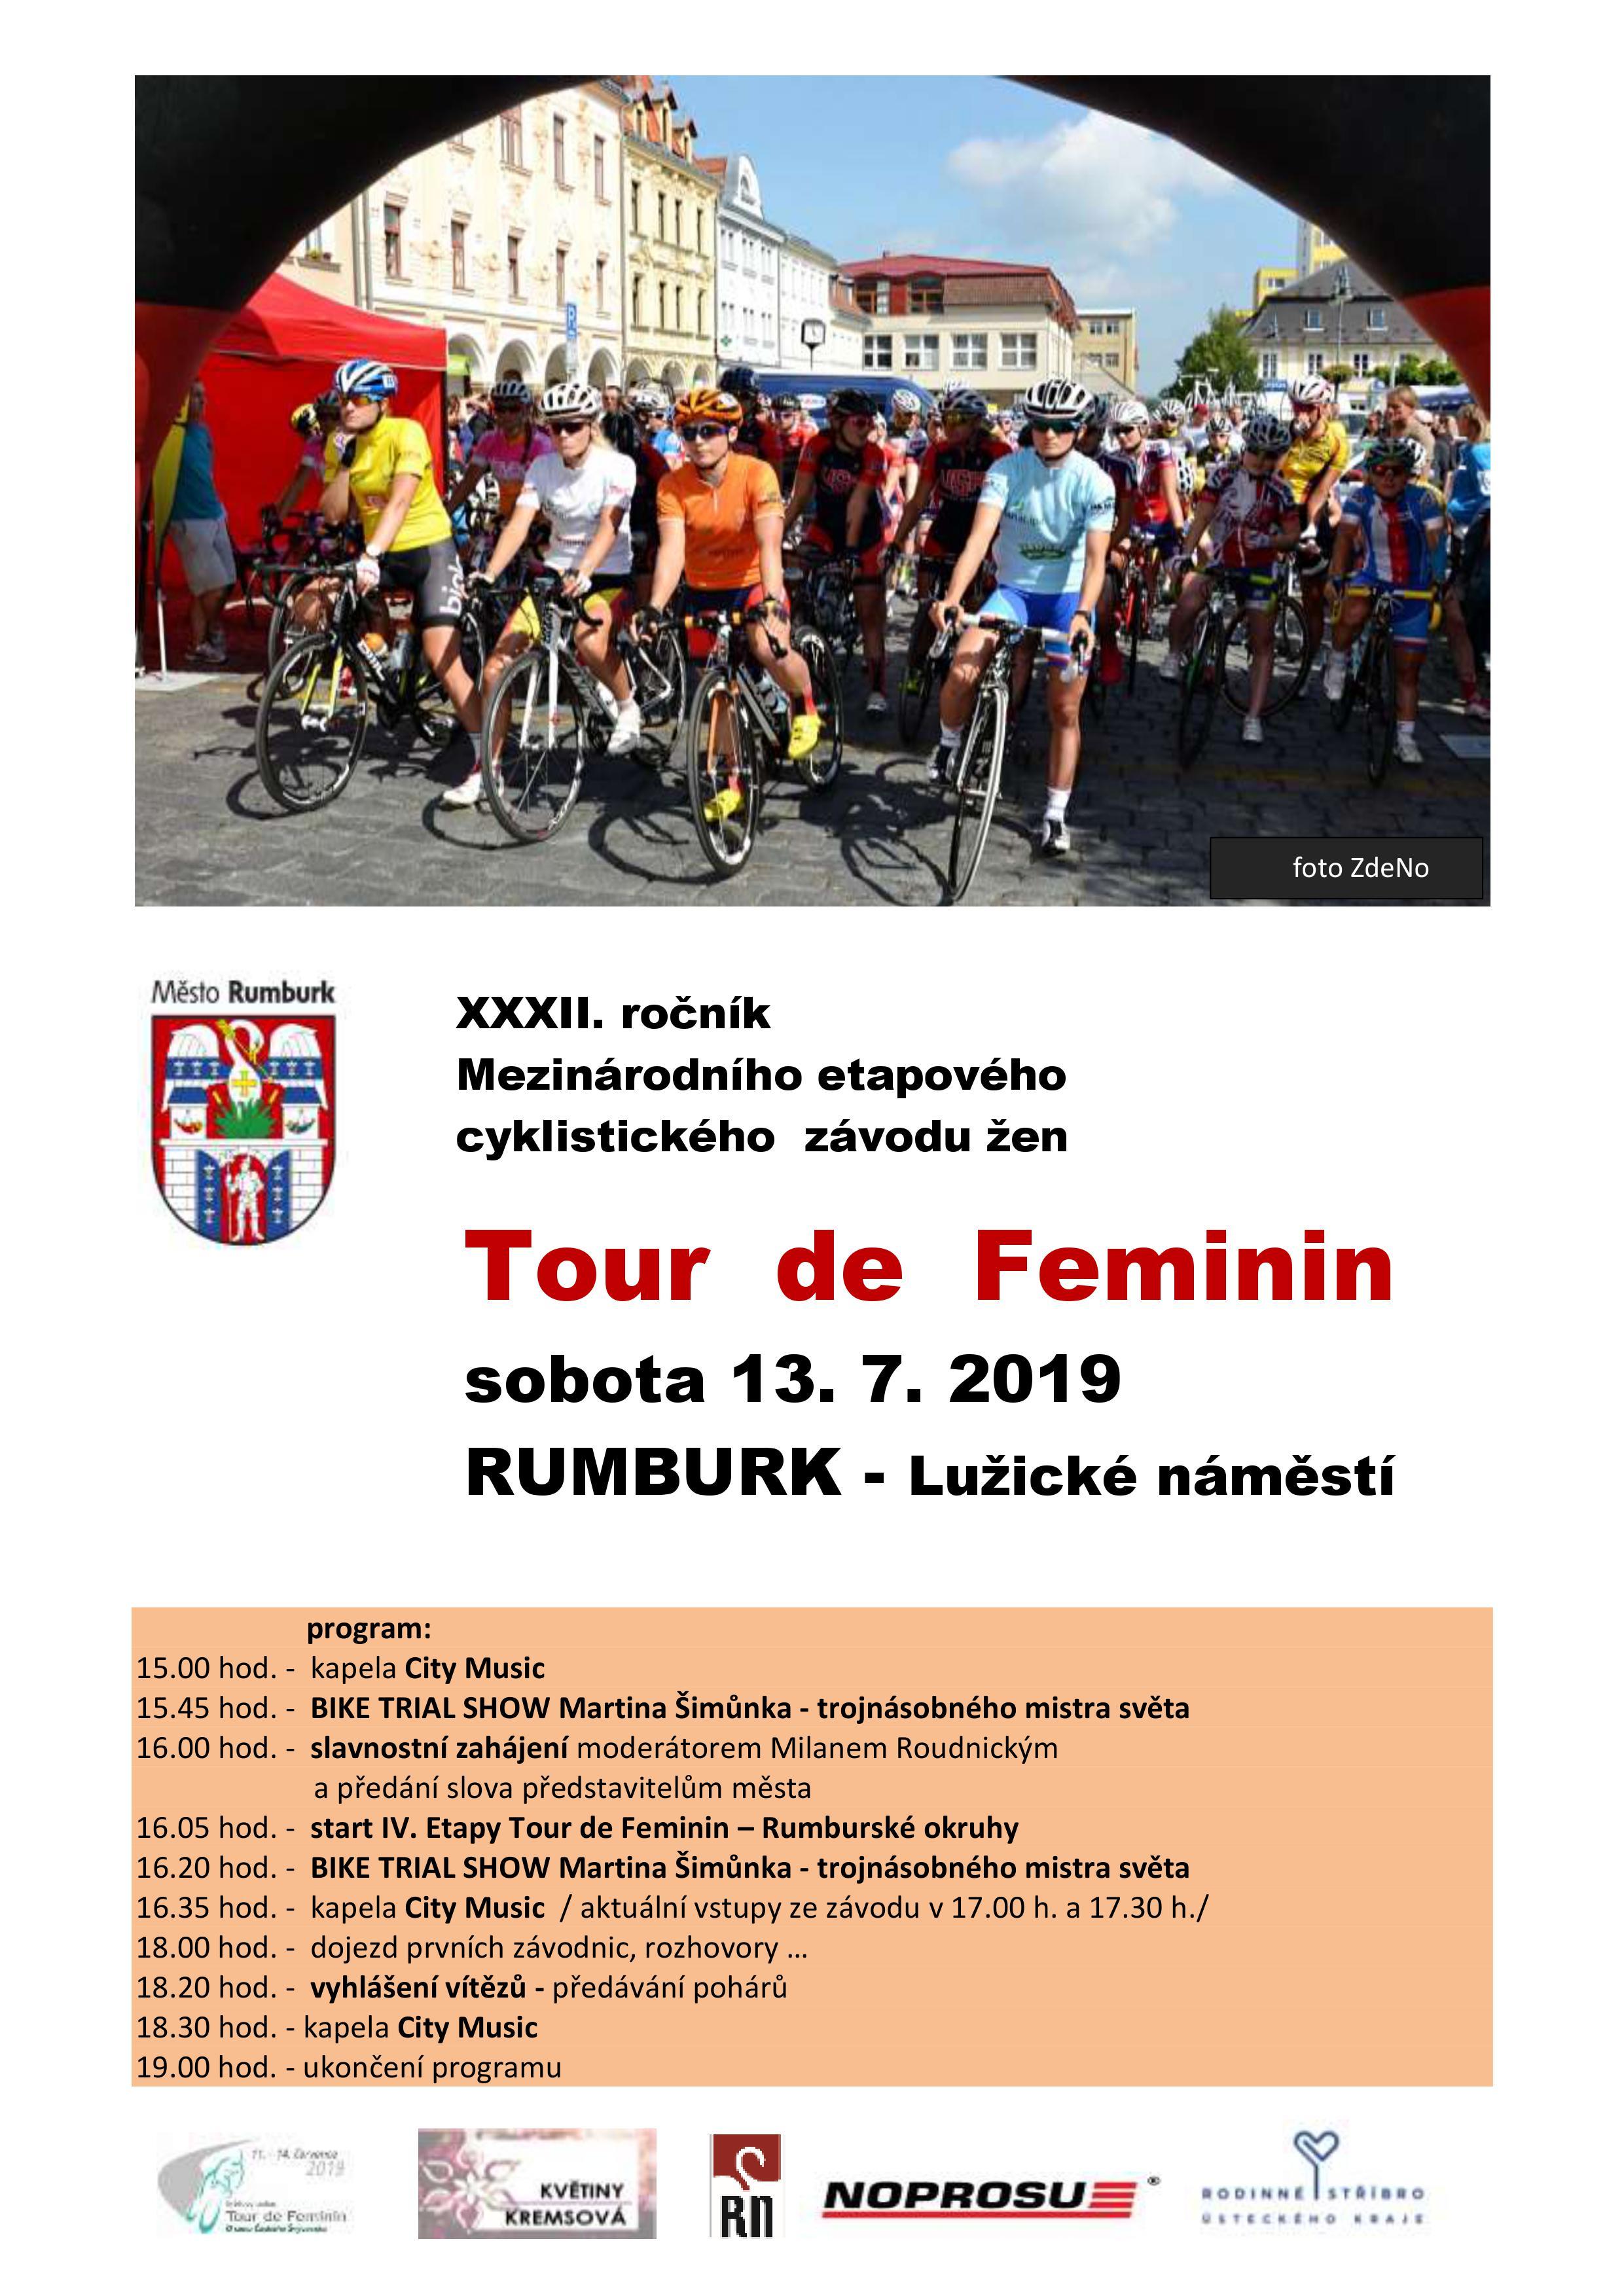 13.7.2019 Tour de Feminin